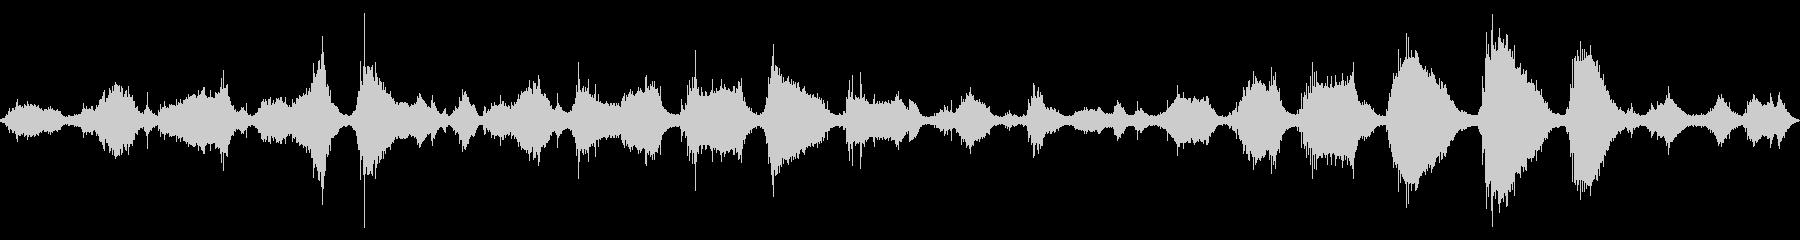 大浜海岸の波の音 5 【徳島】砂利の音の未再生の波形